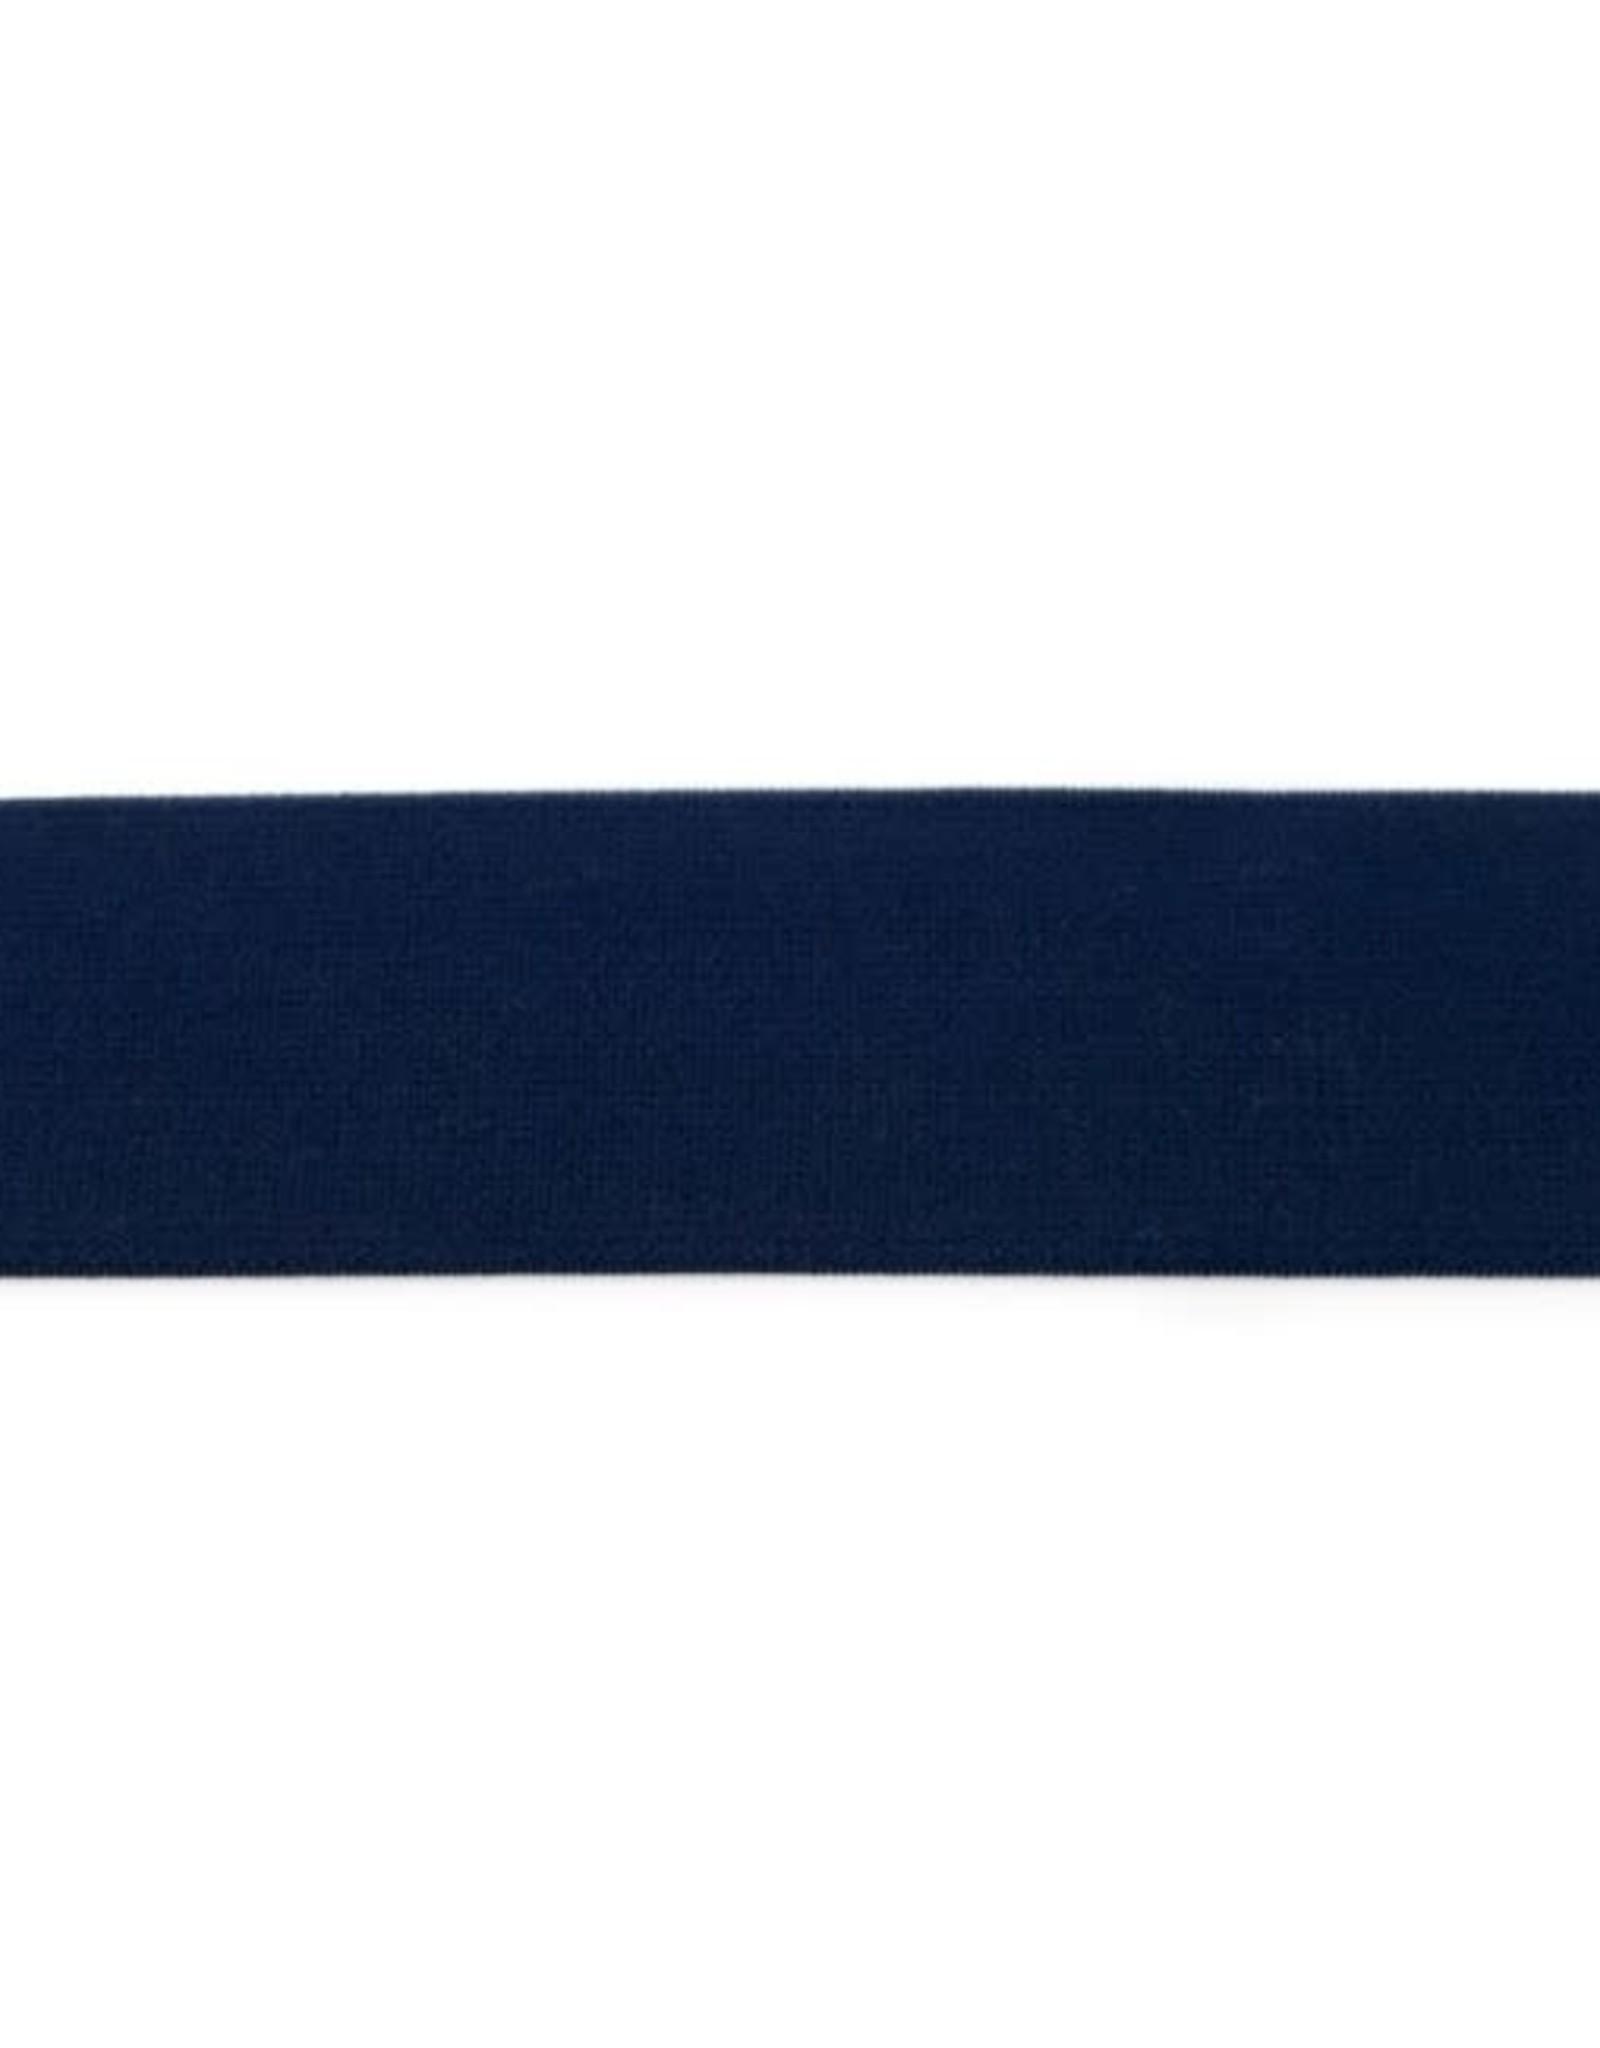 Soft elastiek 40mm - Donkerblauw